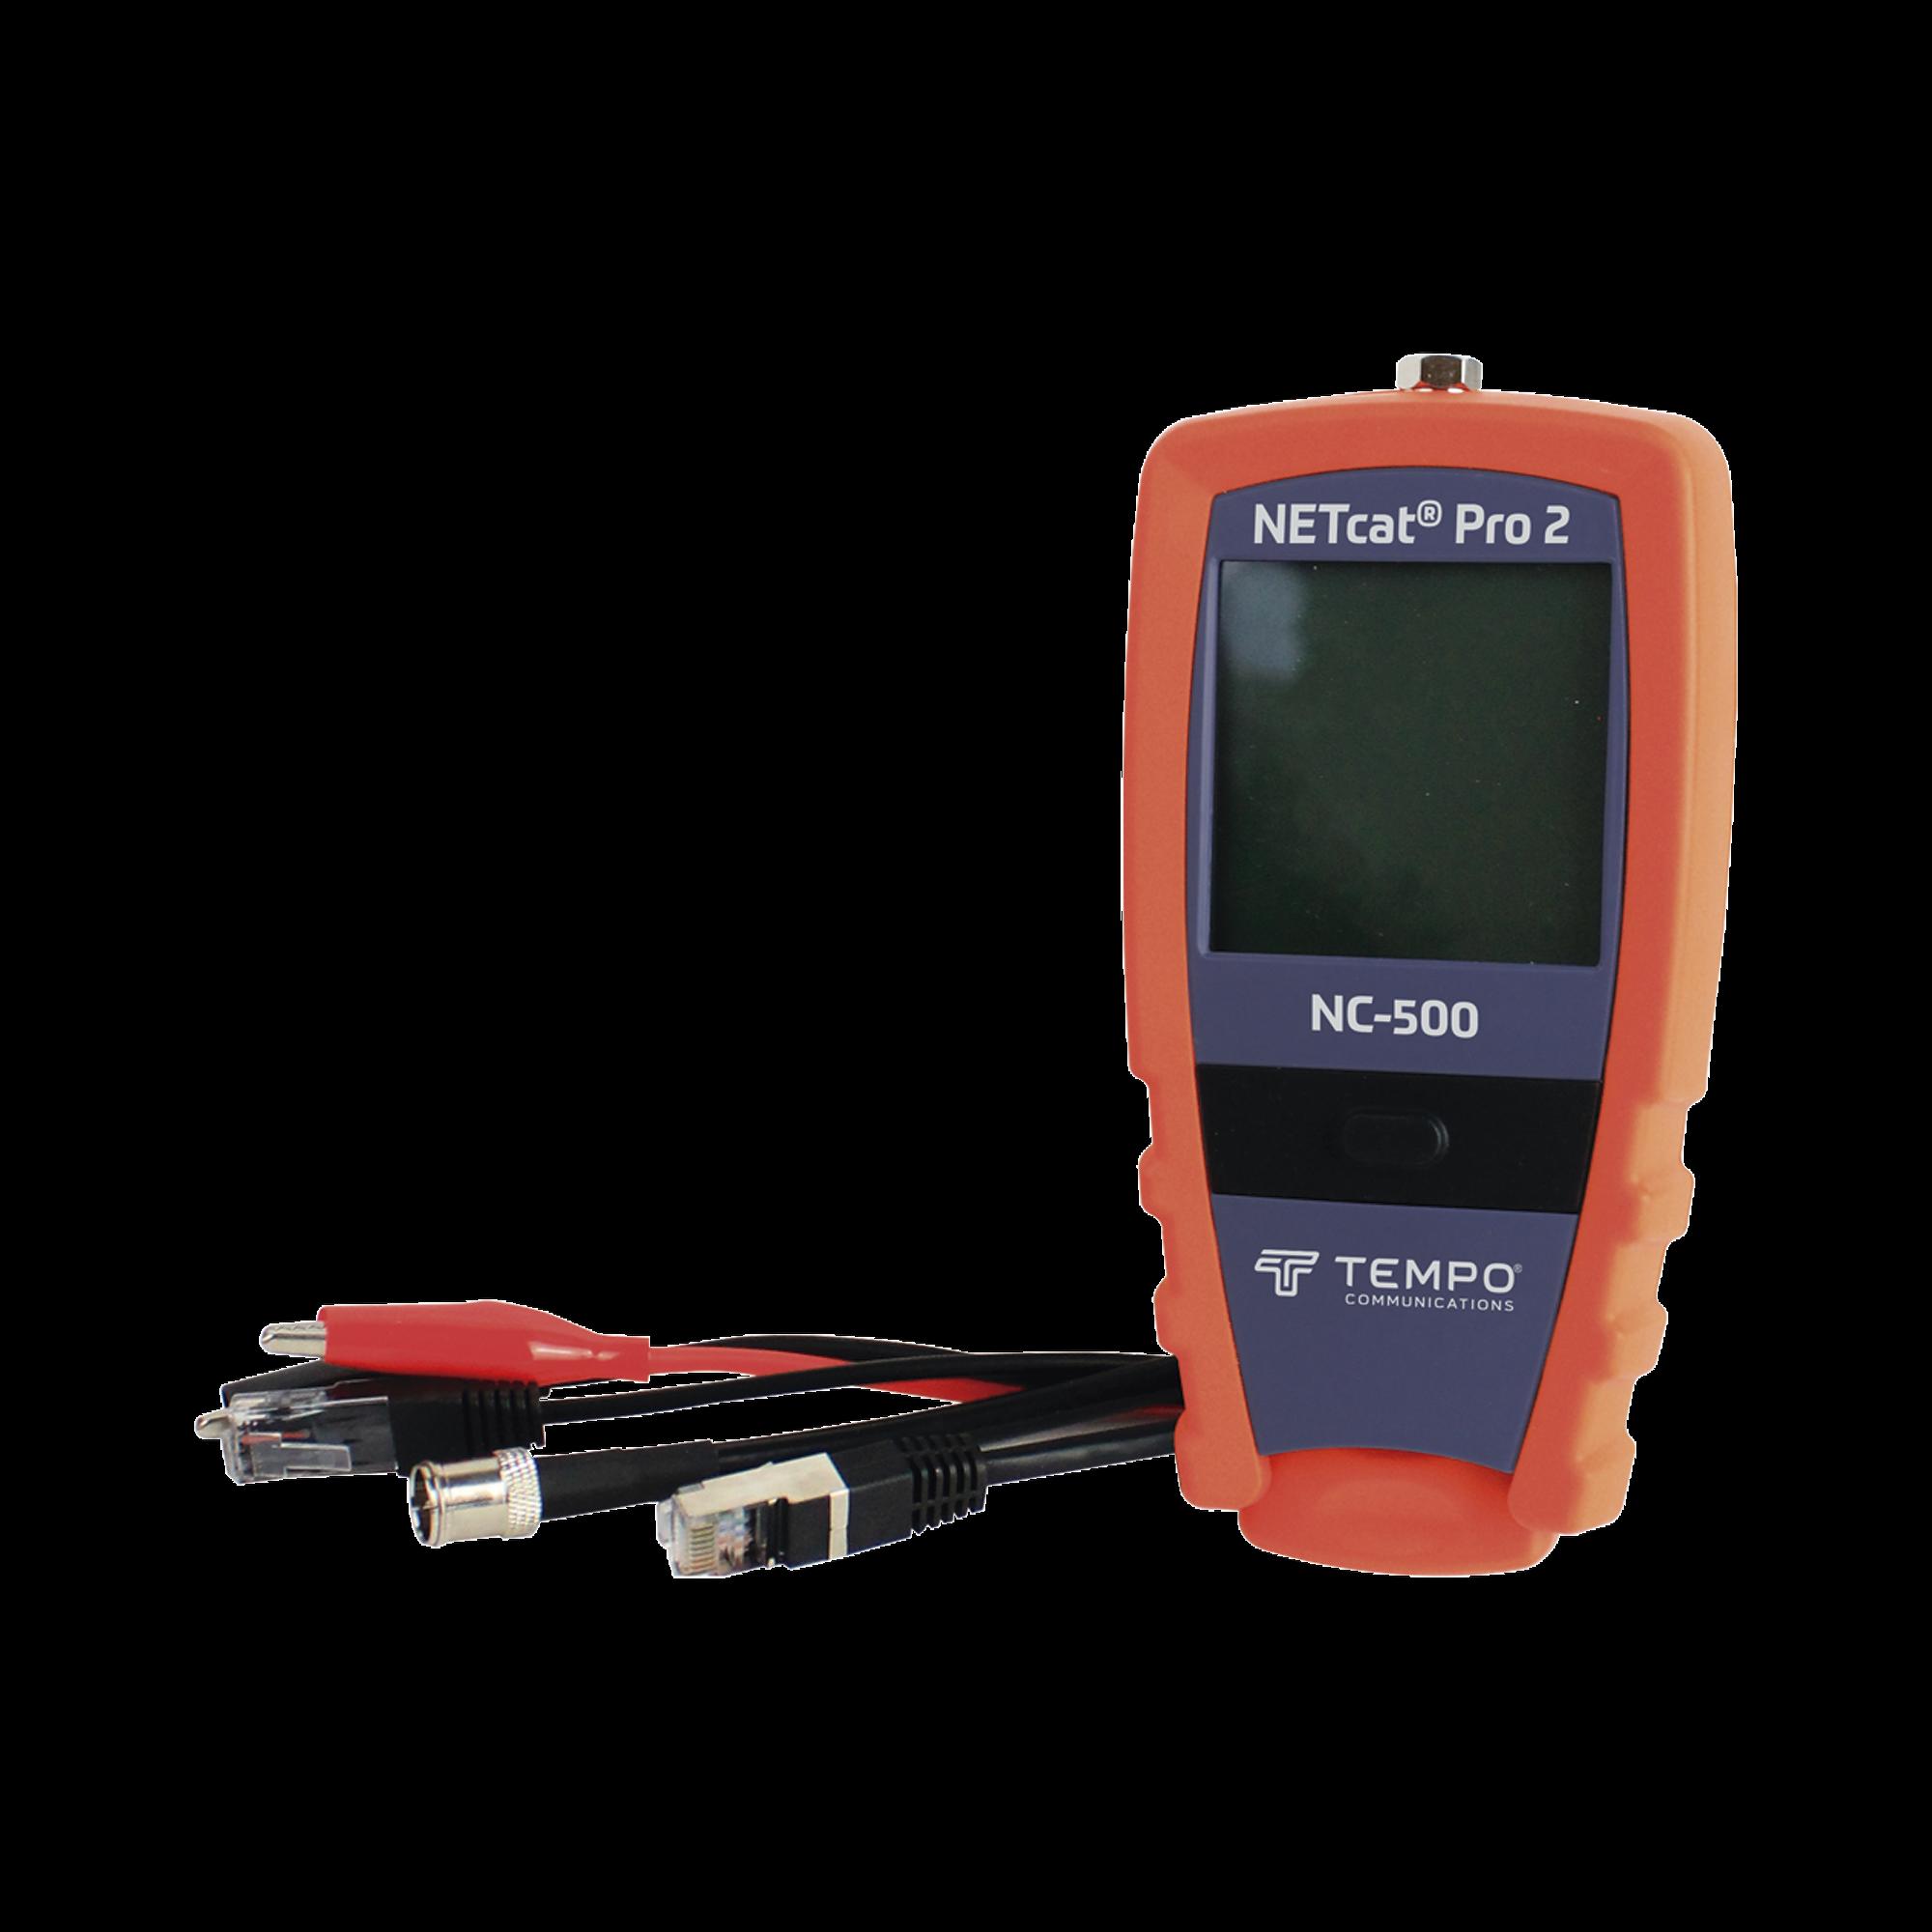 Probador Profesional para cable UTP, STP y Cable Coaxial (NETcat? Pro2) con Pantalla táctil retroiluminada